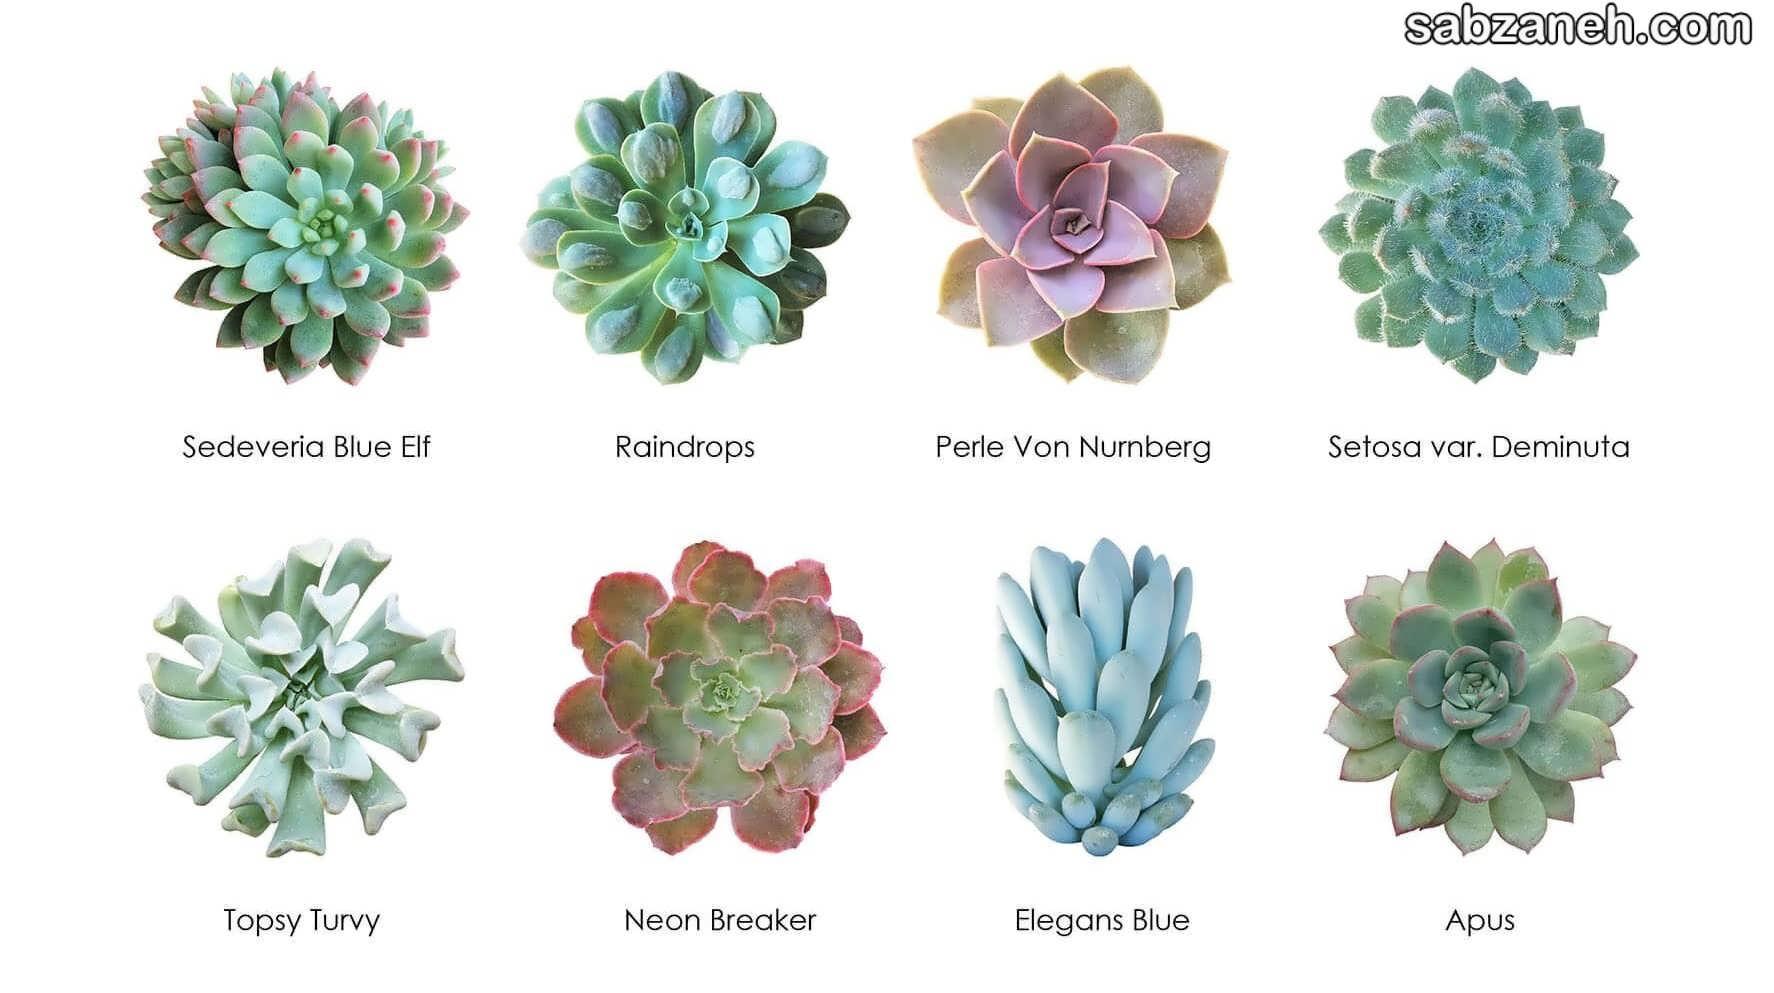 انواع گل آشوریا